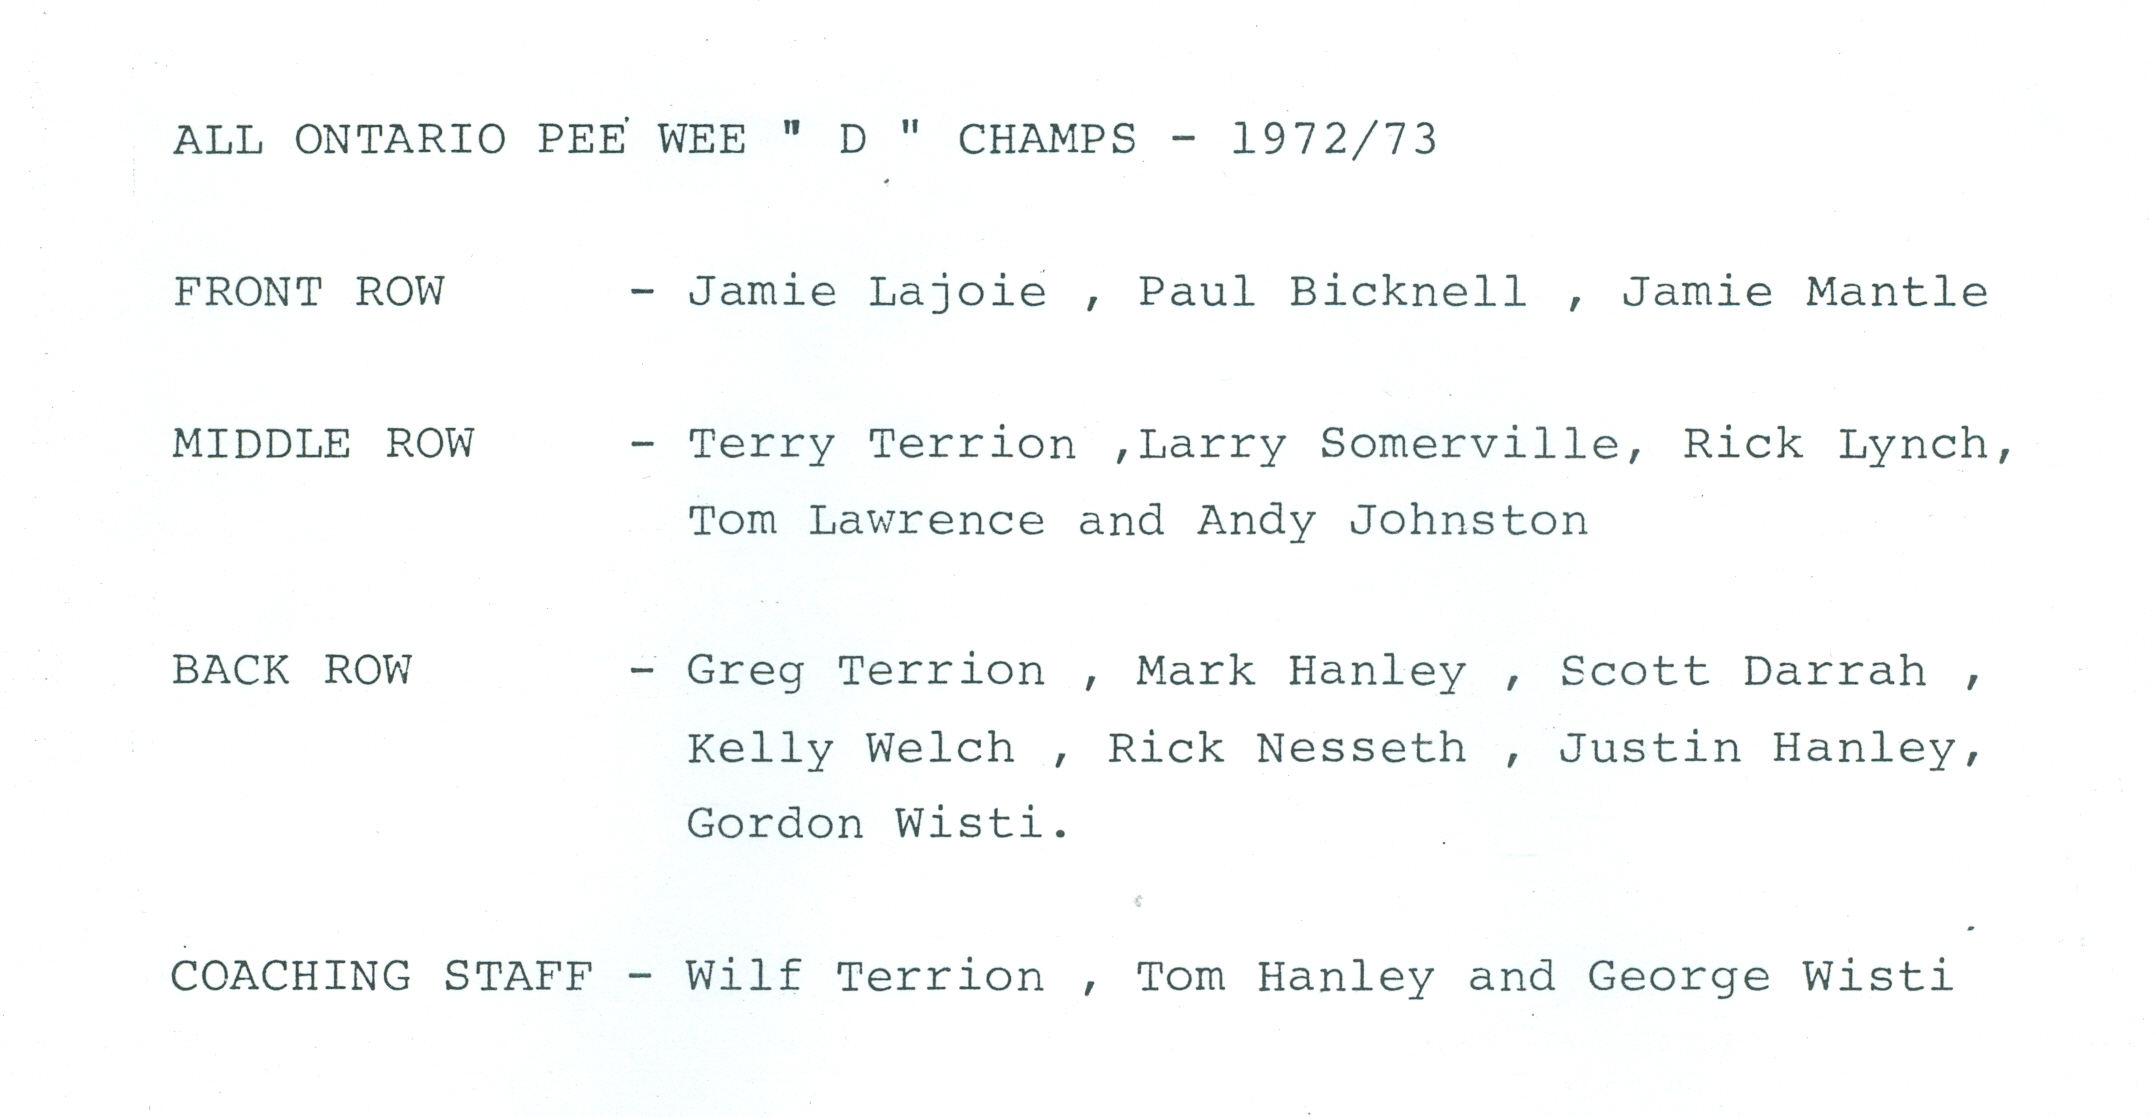 PeeWee D Camps 1972-73.jpg